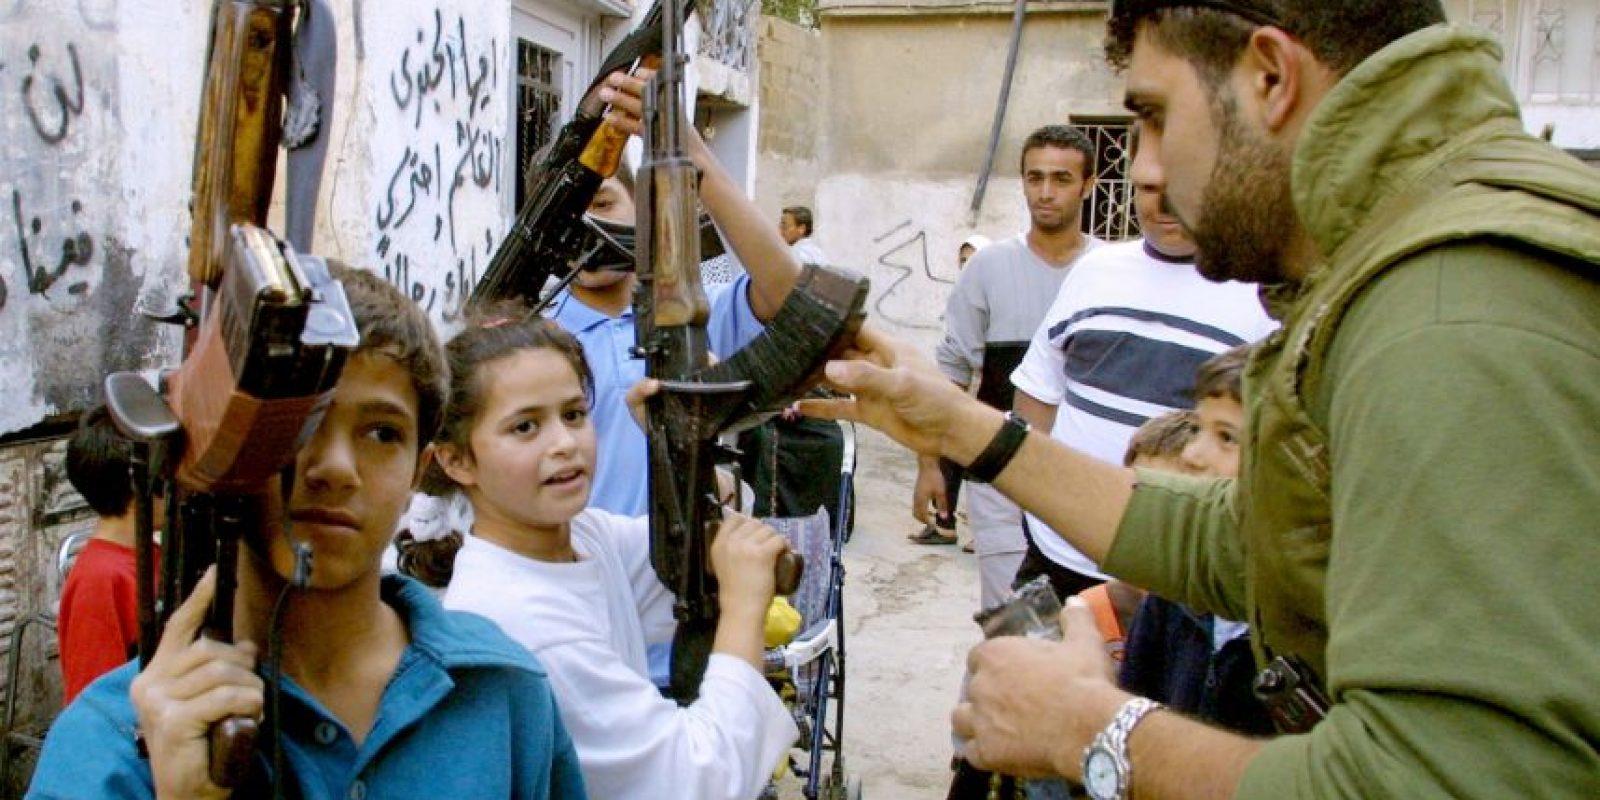 La AK-47 es un fusil de asalto soviético de diseñado por Mijaíl Kaláshnikov Según el organismo de la ONU, los niños en Yemen están sufriendo daño en la salud mental por los ataques en la región. Foto:Getty Images